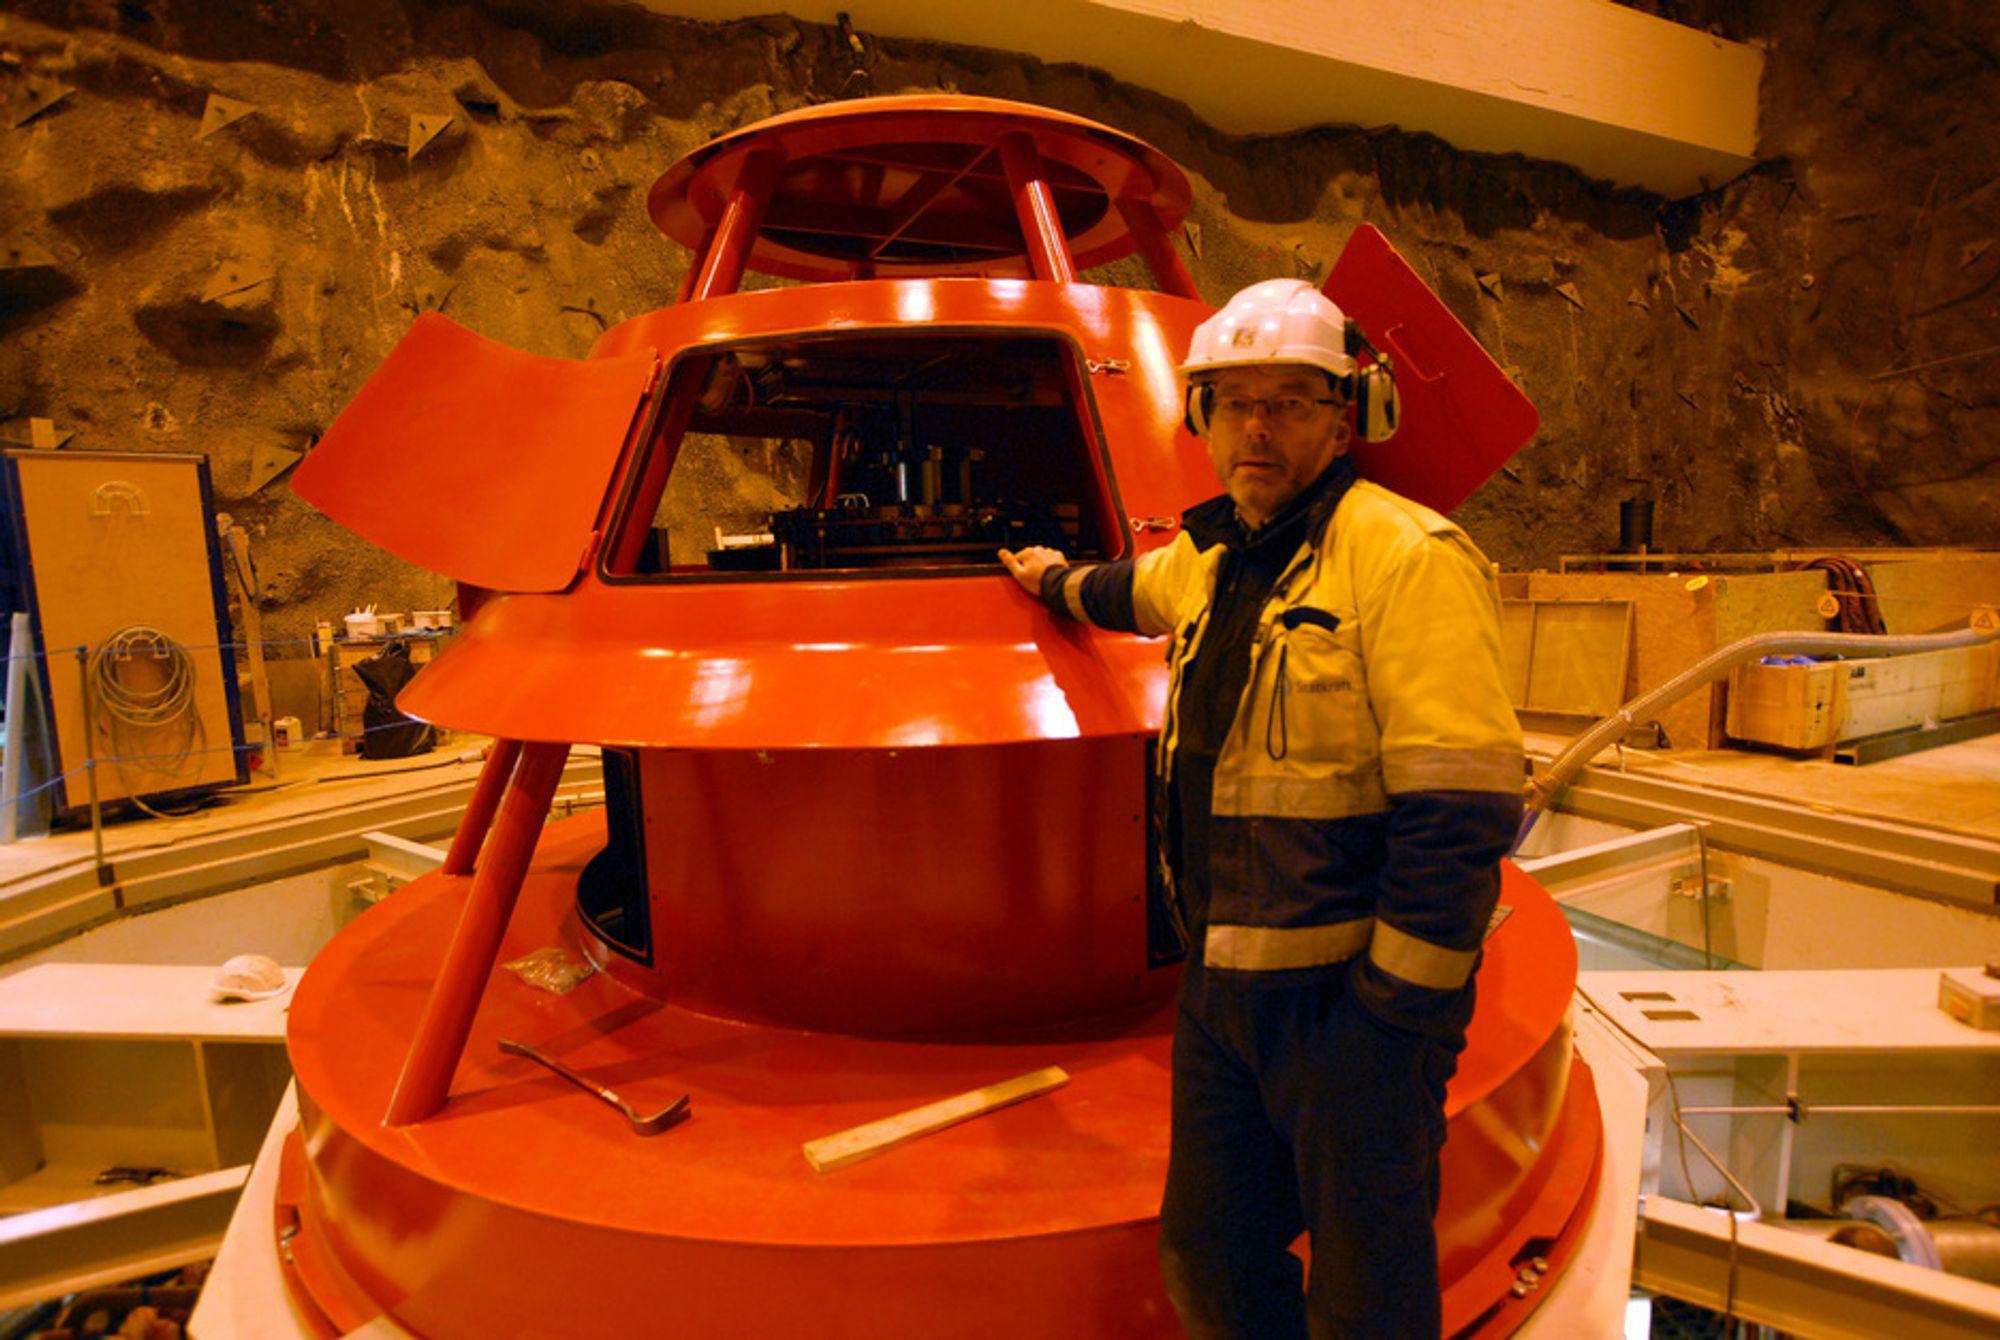 UTSATT: Kraftverksjef Karl Svein Thorrud viste i desember fram det nye aggregatet i Svartisen kraftverk. Få dager senere ble idriftssettelsen utsatt på grunn av en skade på statoren.